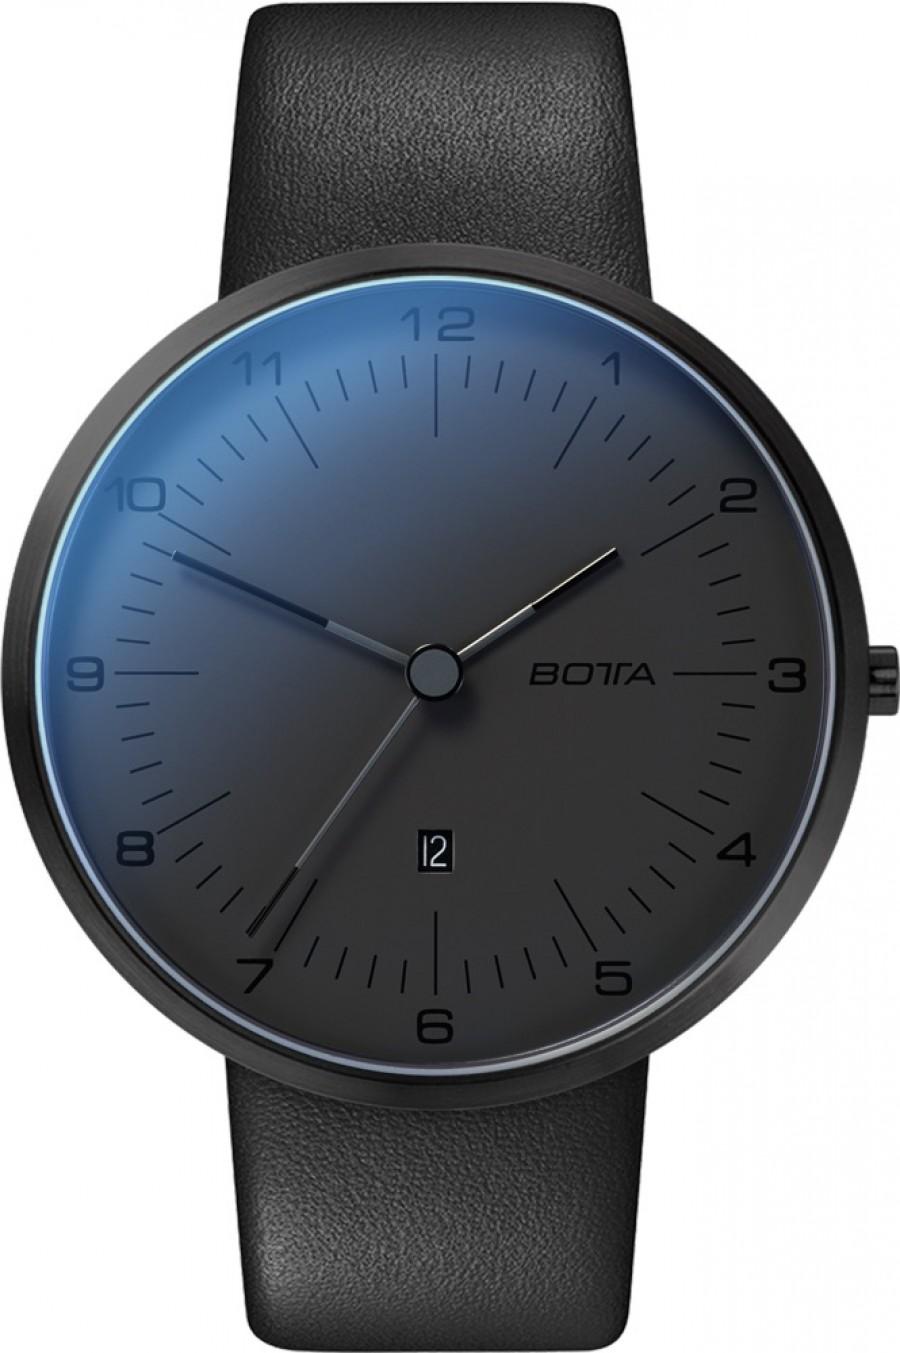 Botta Design tres plus All Black 44mm